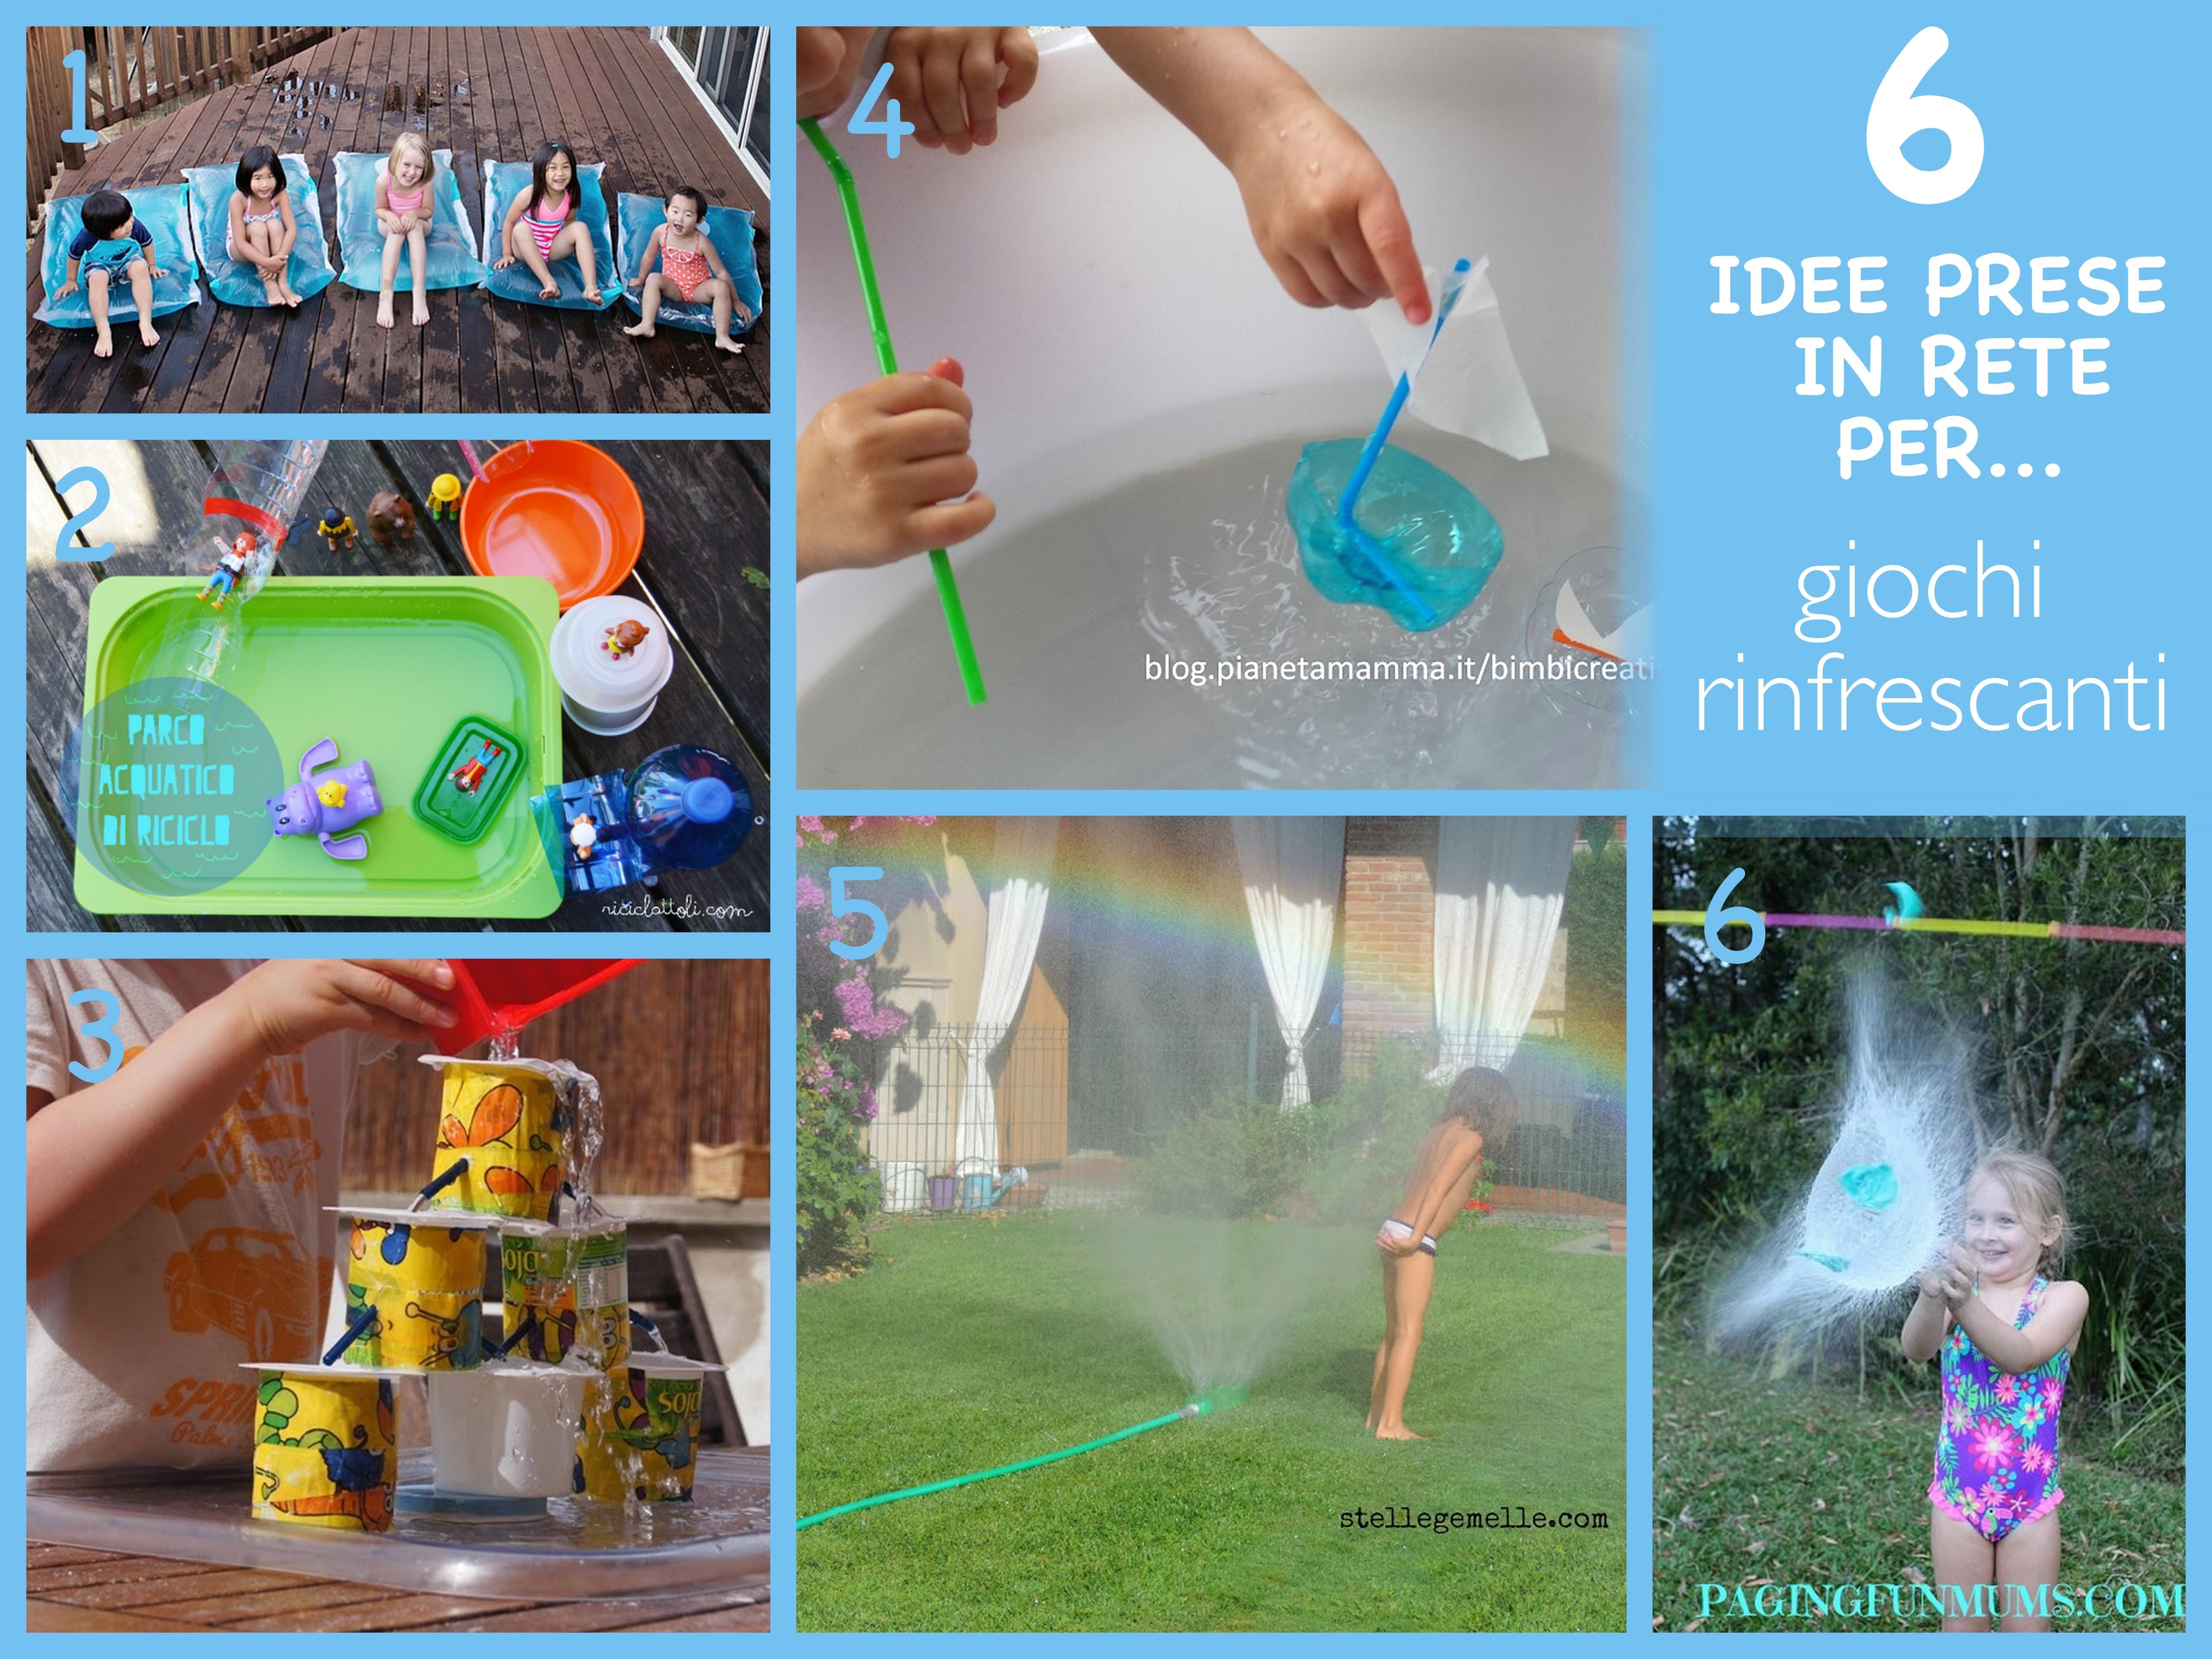 6 idee prese in rete per giochi estate acqua